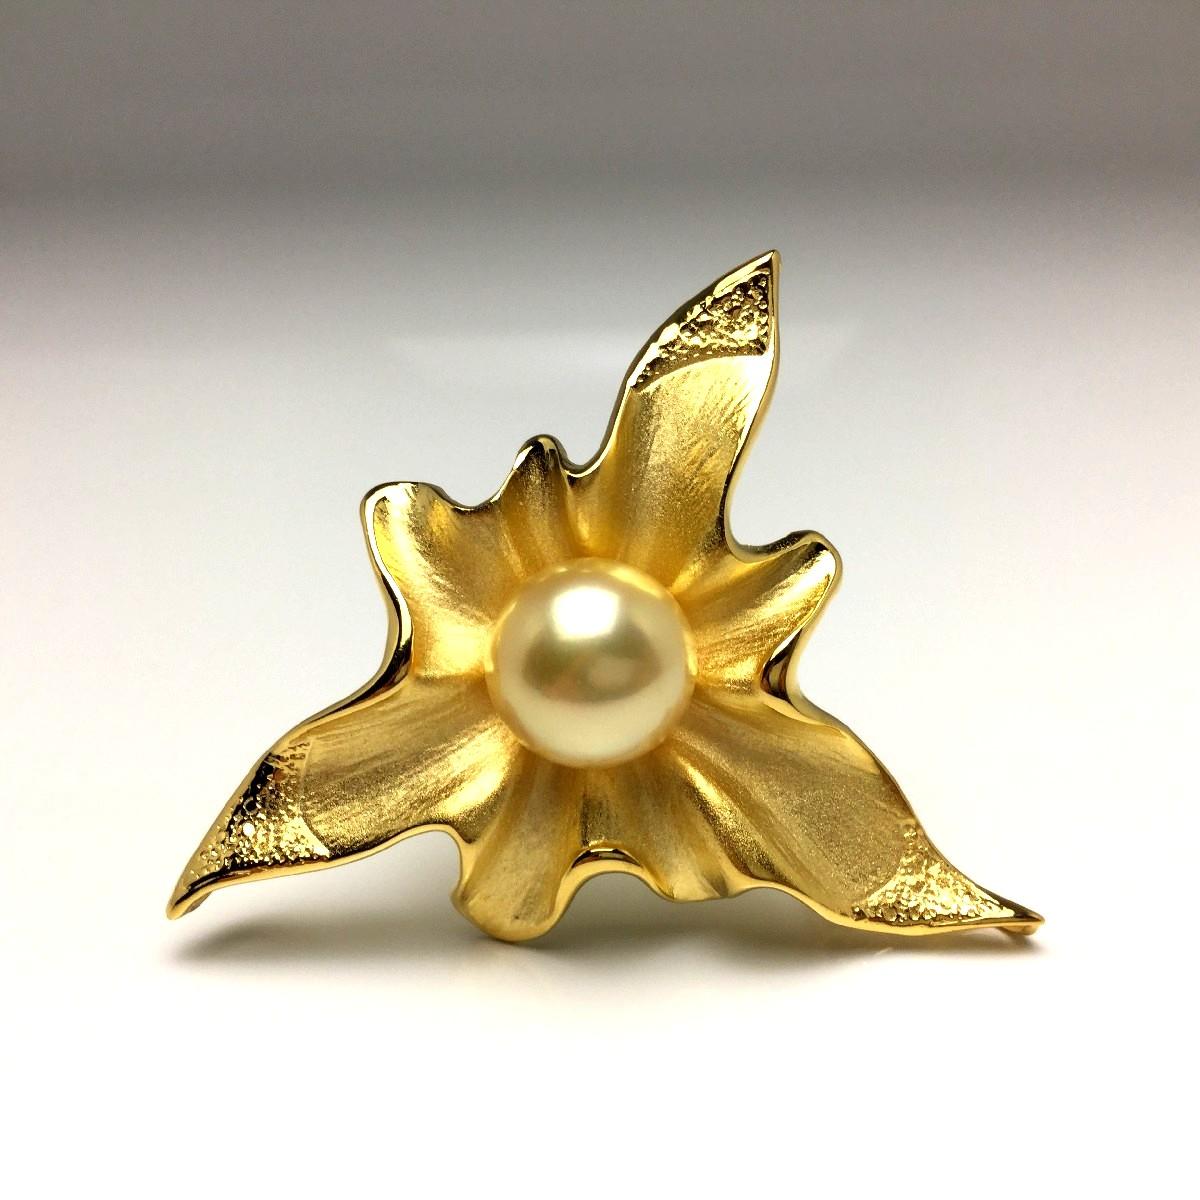 【10%OFF】真珠 ブローチ パール 白蝶真珠 12.0mm ゴールド(ナチュラル) シルバー 66125 イソワパール